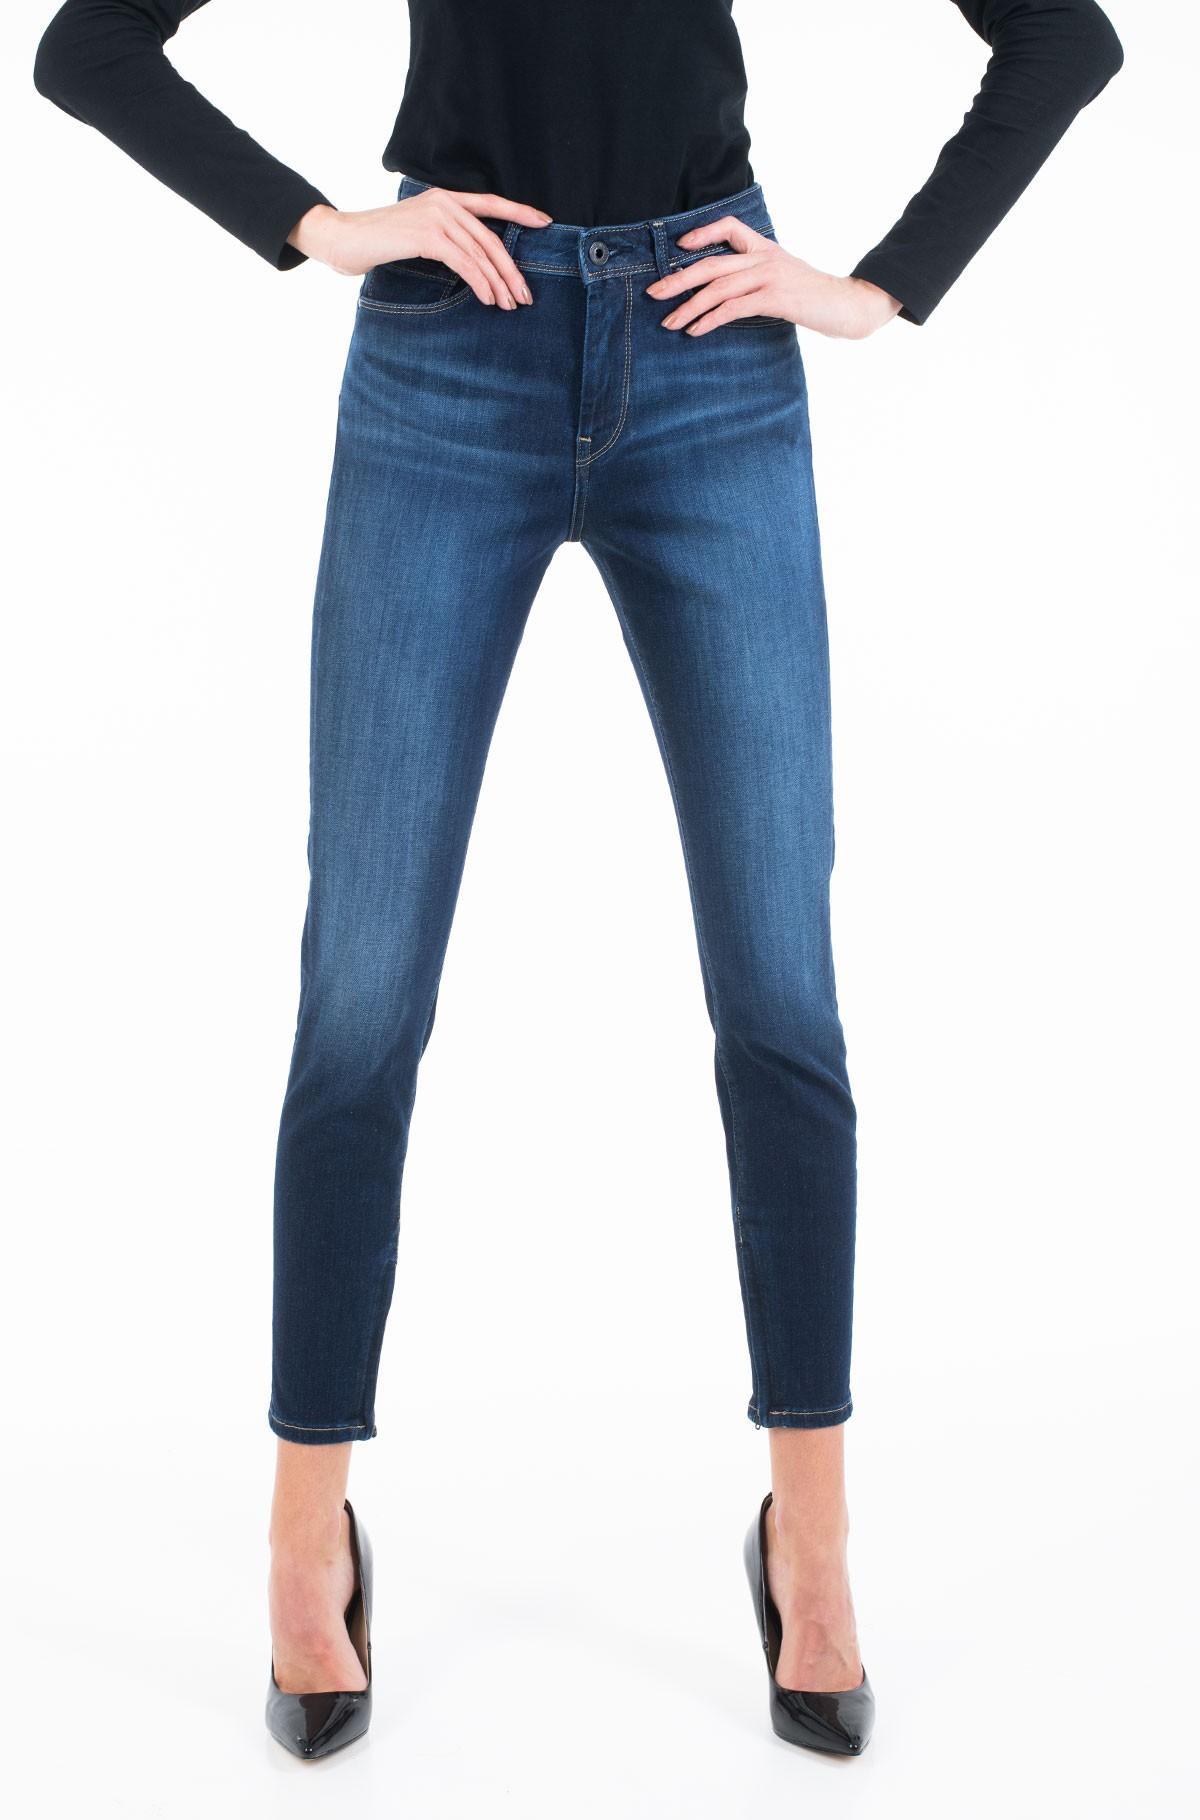 Jeans CHER HIGH/PL203384DC9-full-1